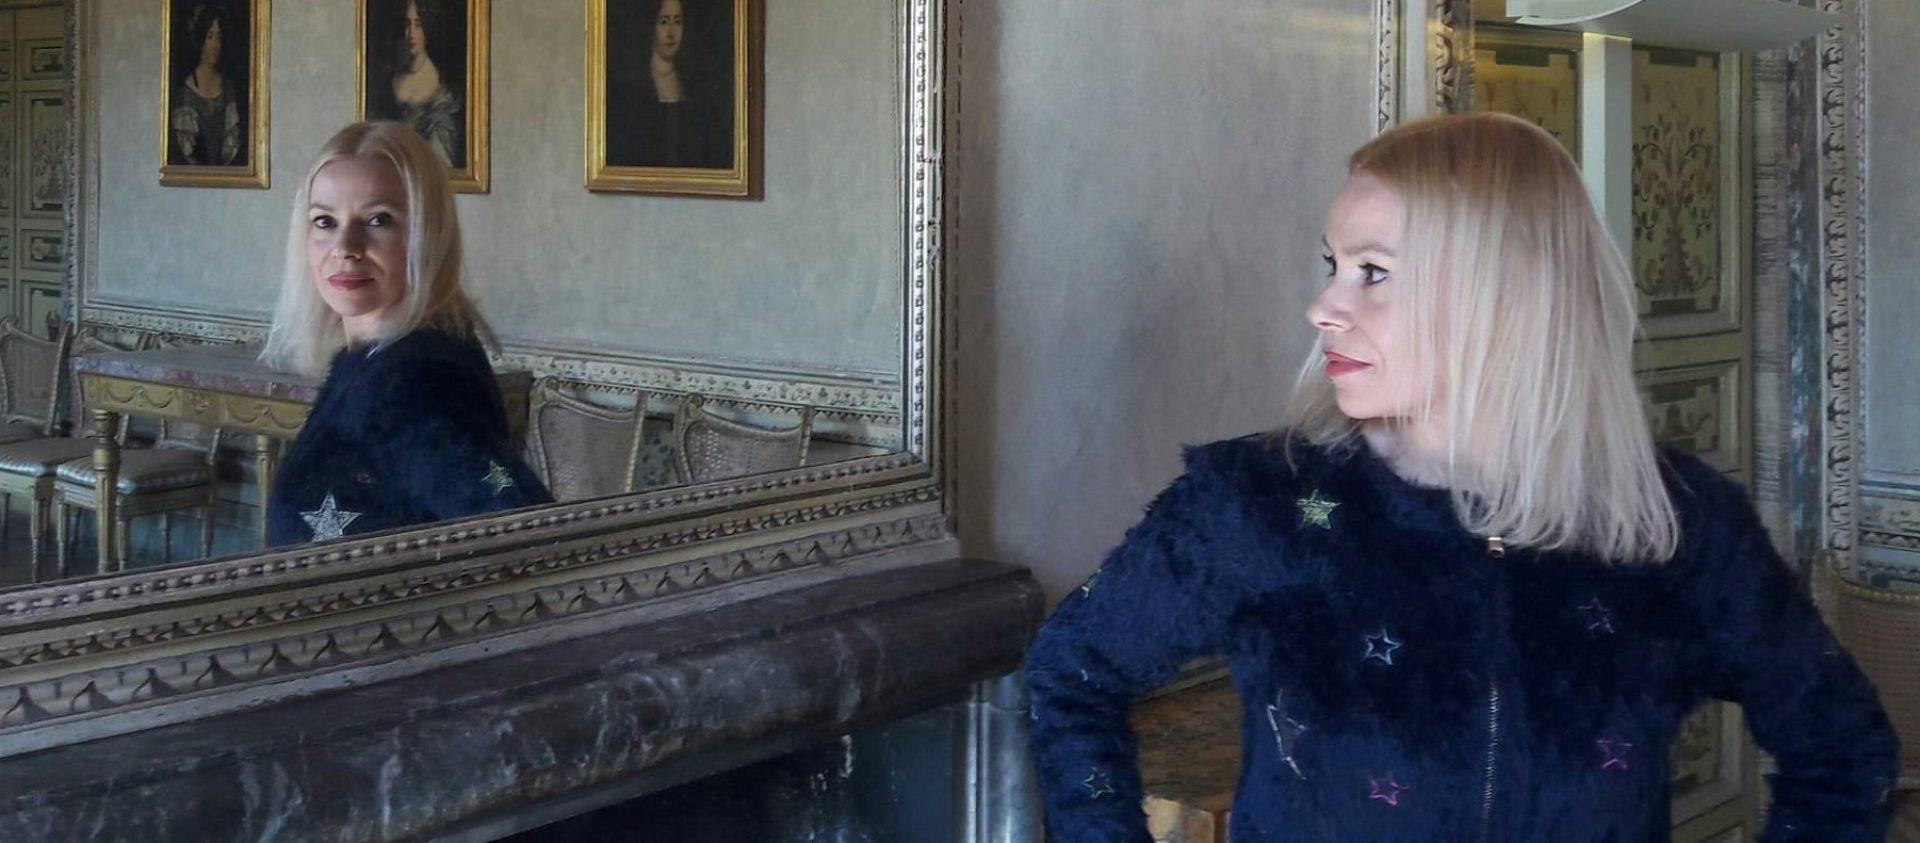 Giulia Marchetti